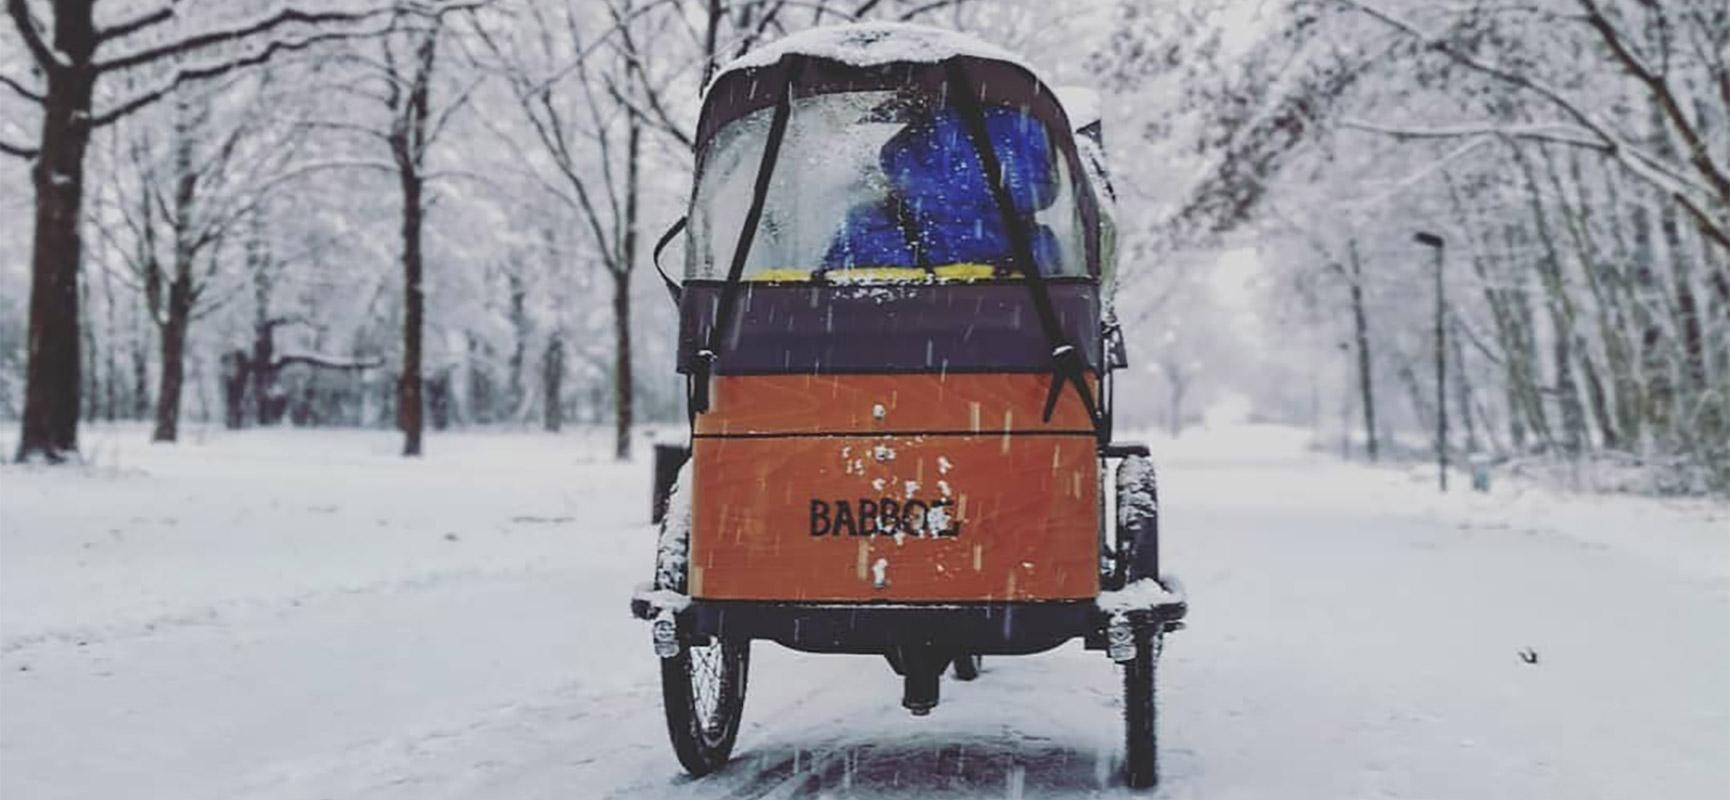 Bakfietsen in de winter